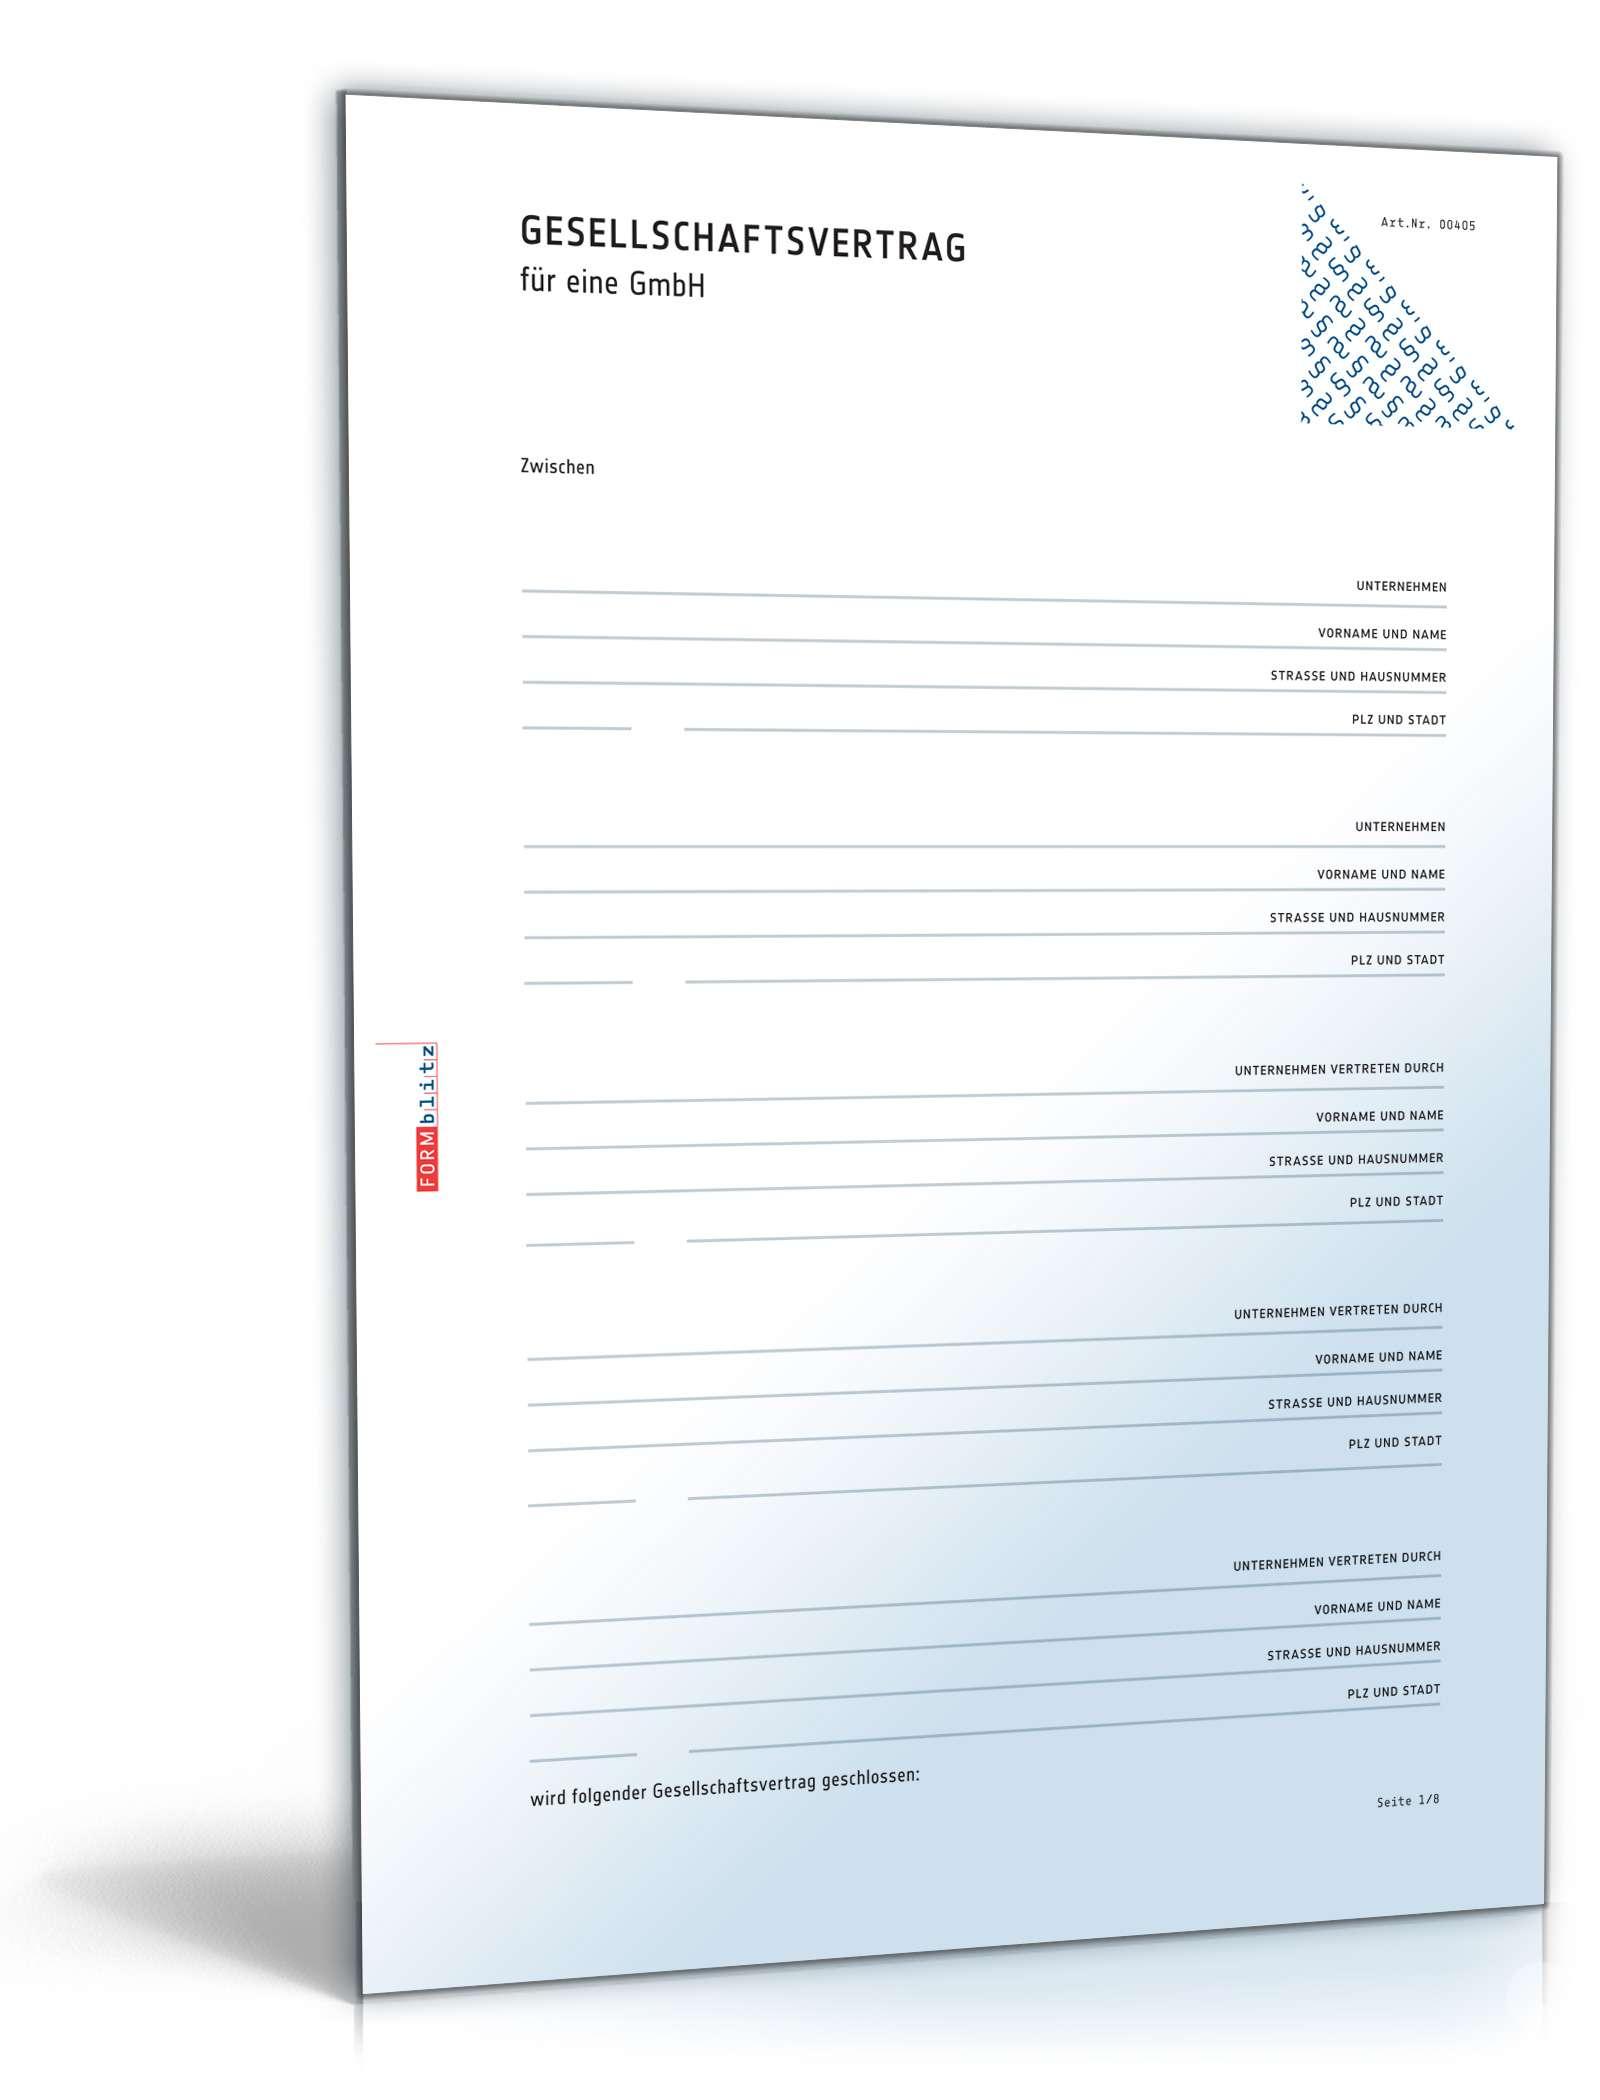 vorlagen für geschäftsführer | muster & vordrucke zum download, Einladungen